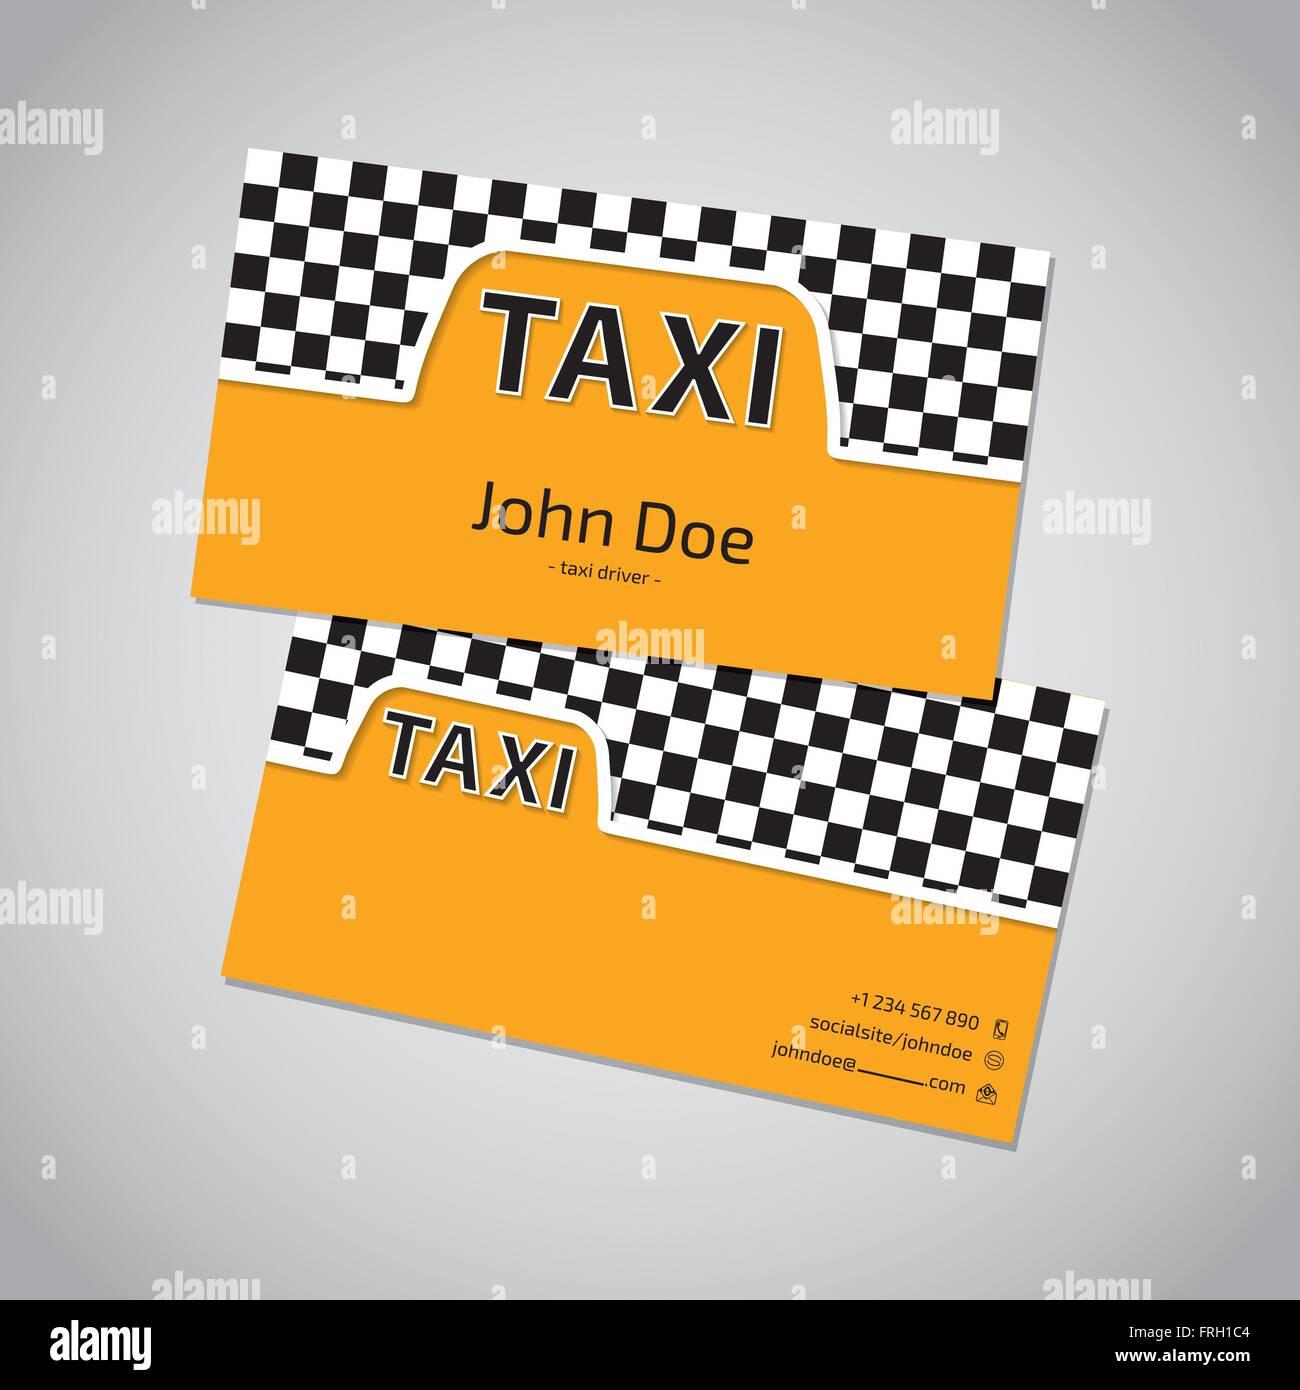 Taxi Visitenkarten Vorlage Design Mit Kabine Symbol Vektor